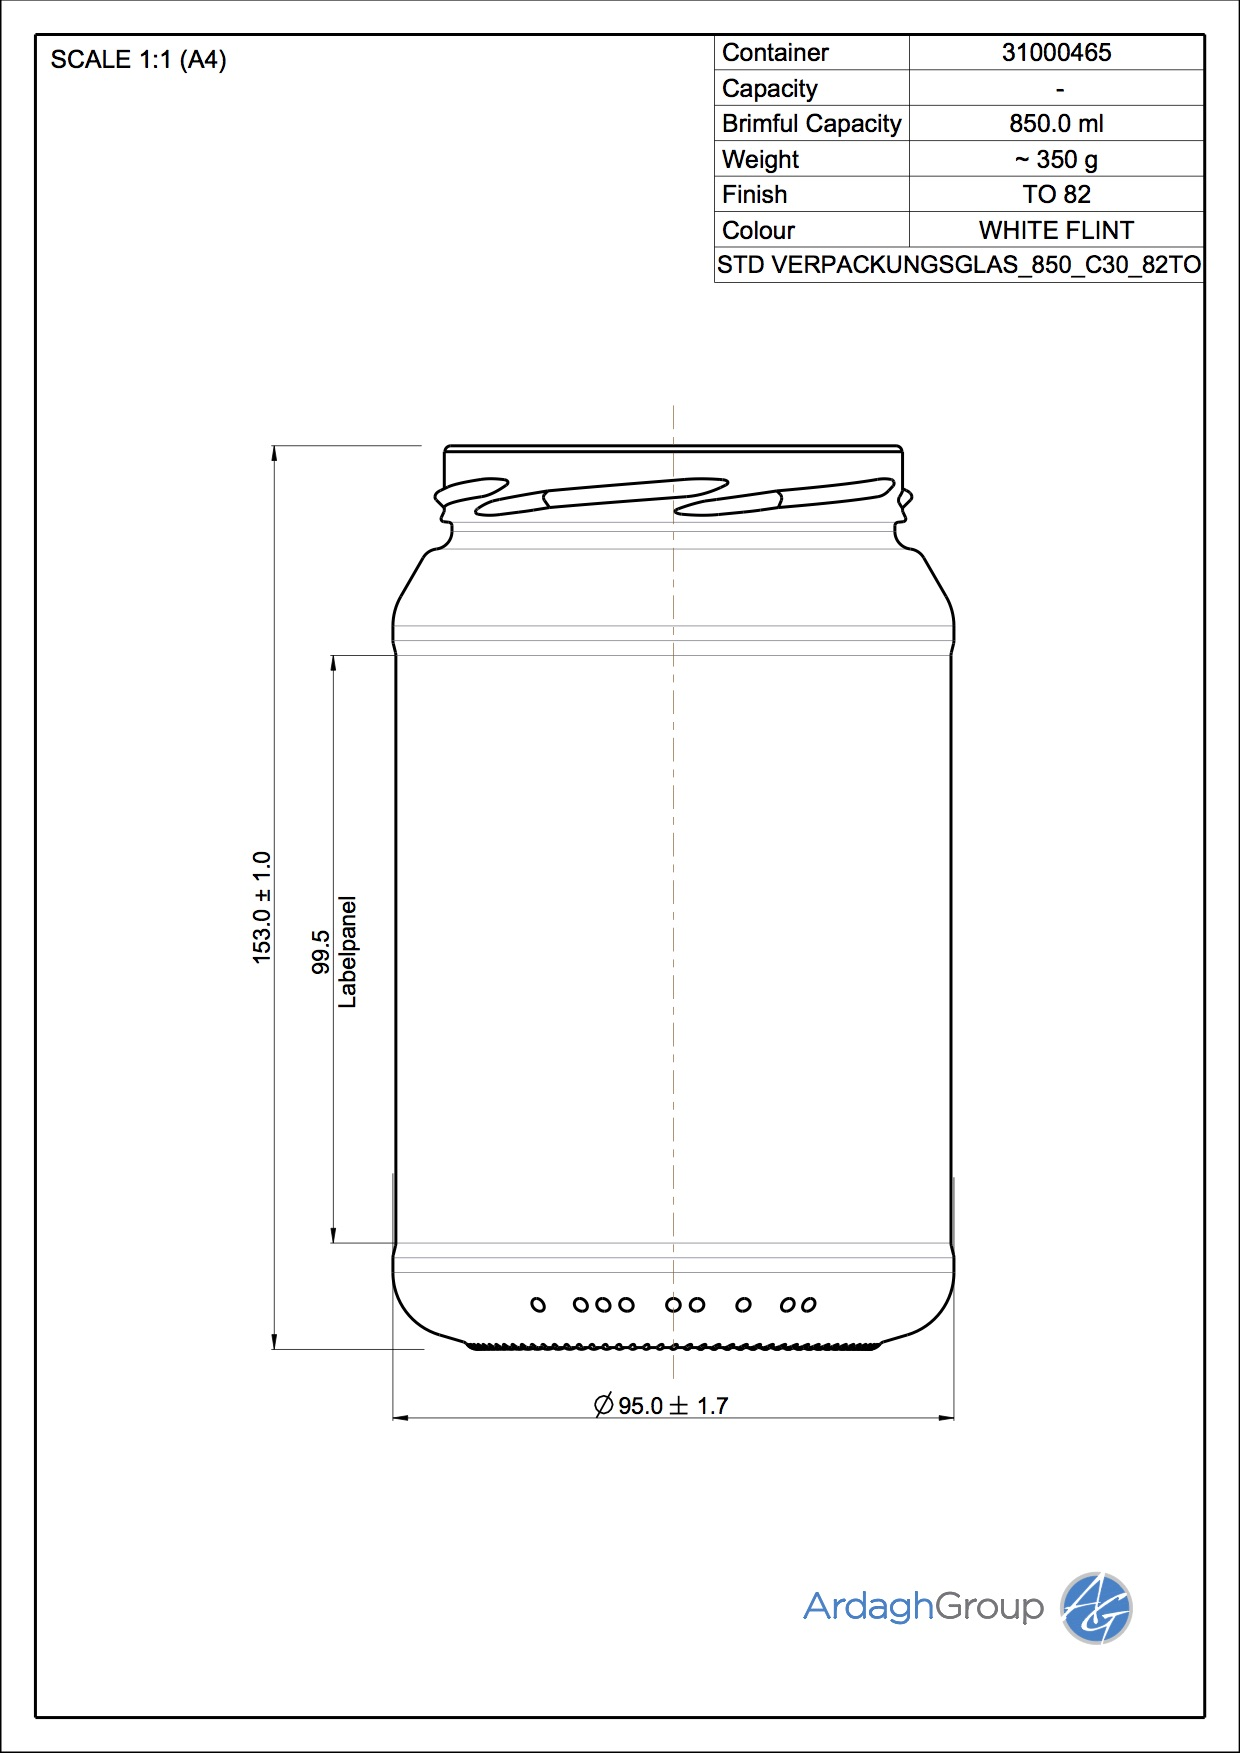 Verpackungsglas850 C30 82TO